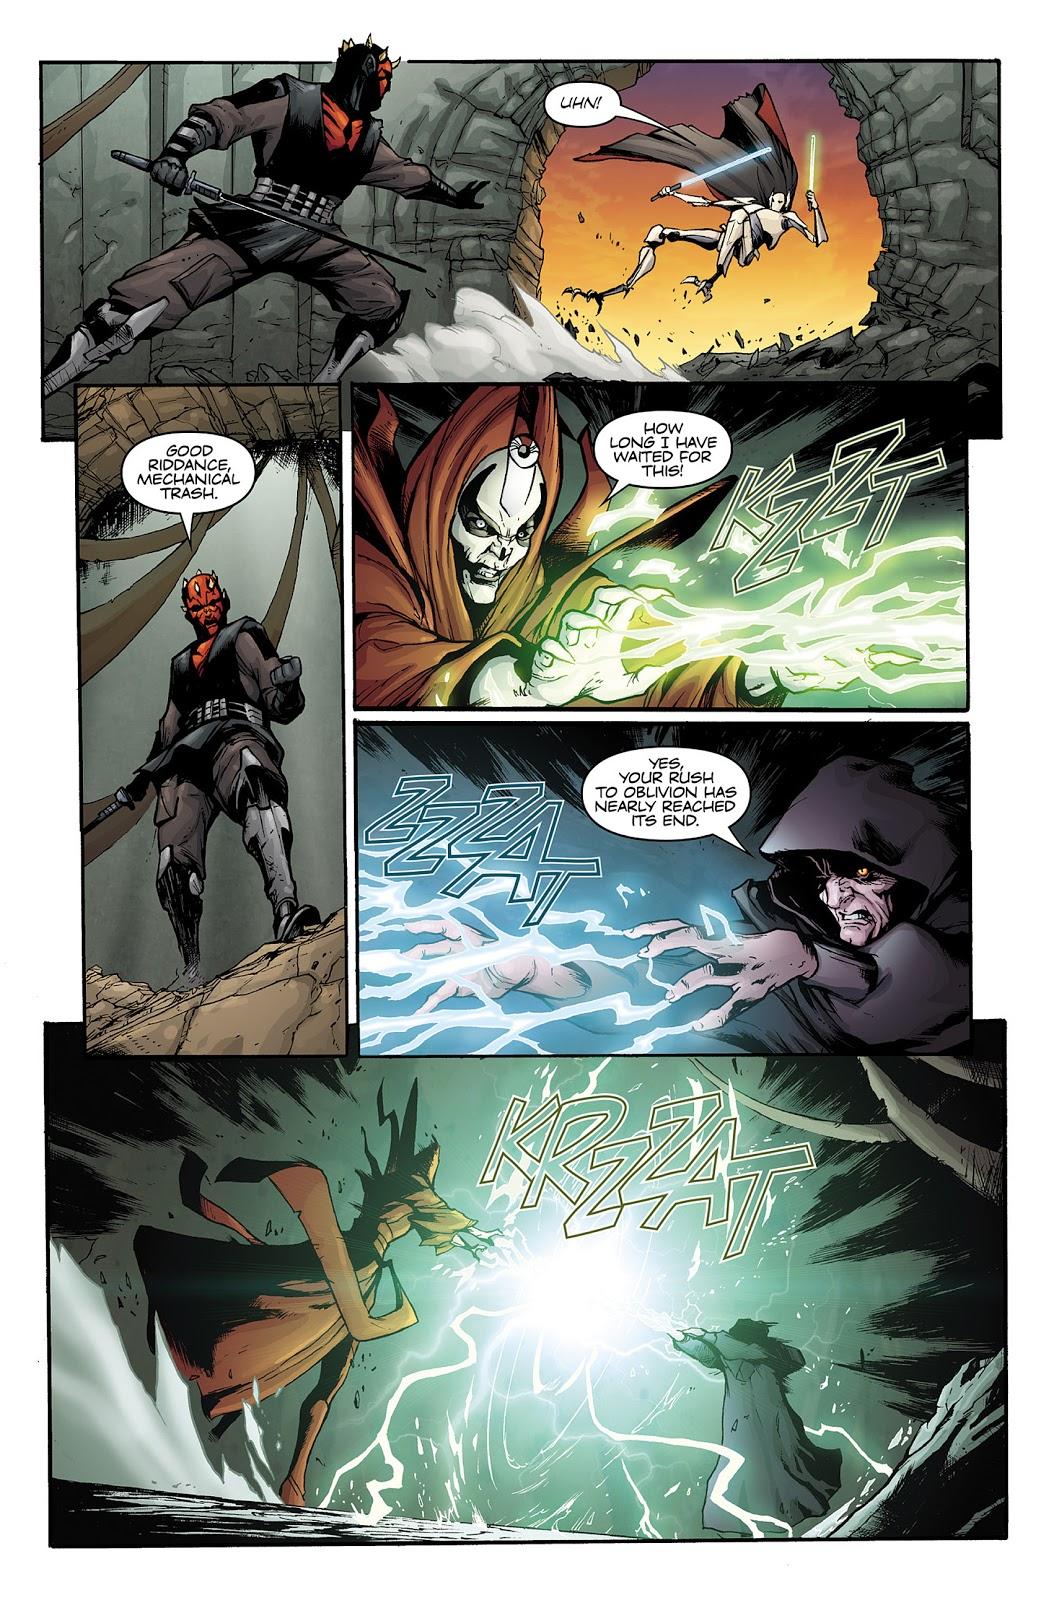 SS - Starkiller (ArkhamAsylum3) vs Qui-Gon Jinn (Meatpants) - Page 2 Sidiou19